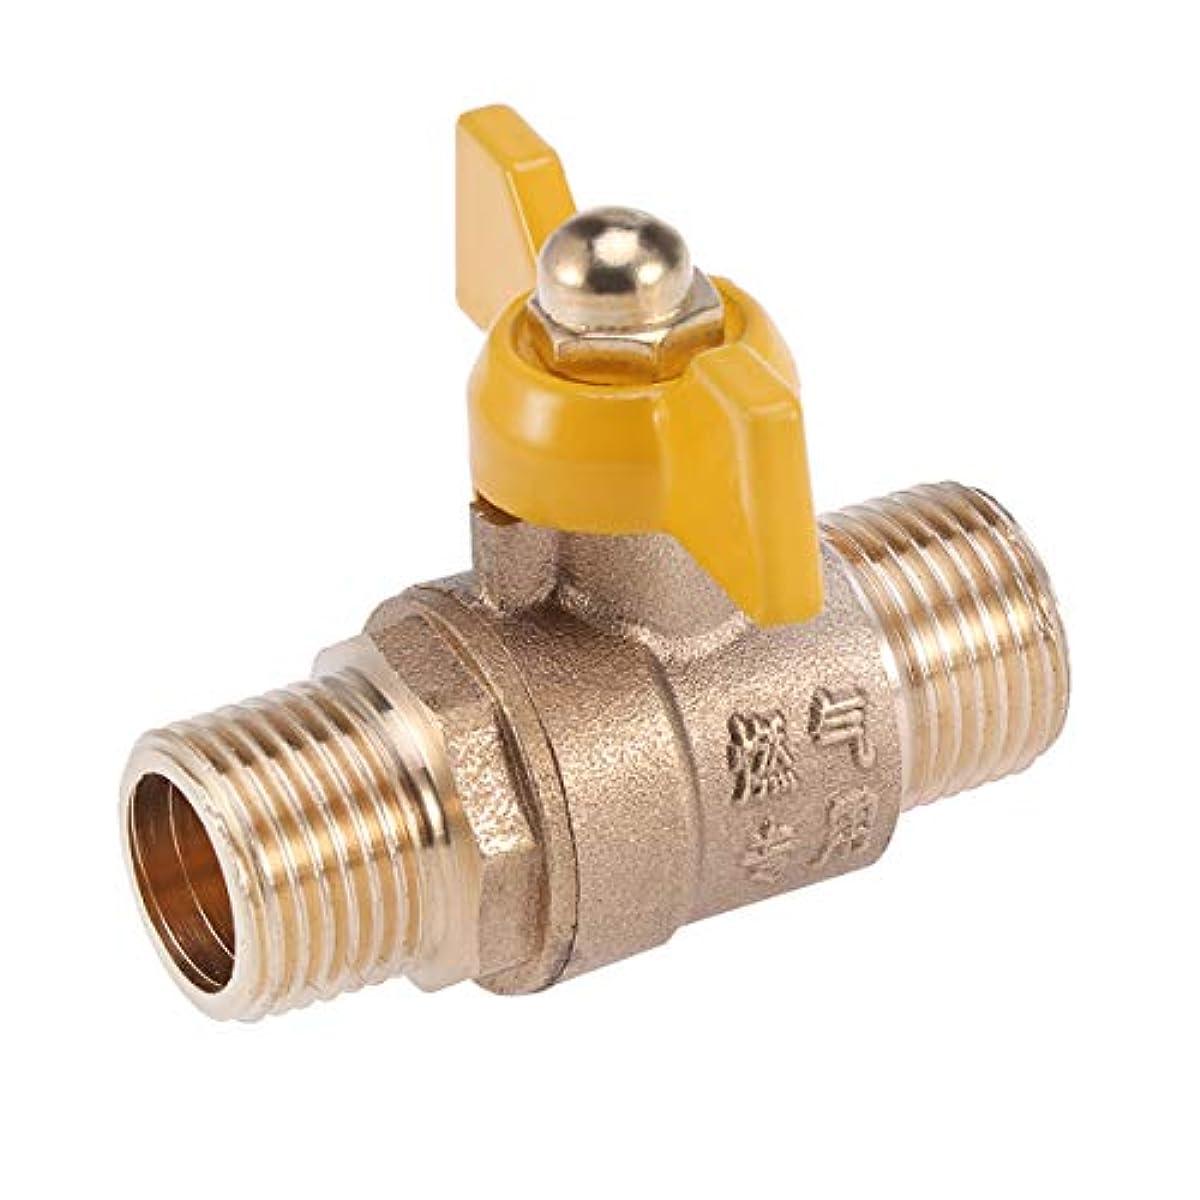 [해외] YARDWE 놋쇠 가스 볼 밸브 급탕기 볼 밸브 폐쇄 밸브 가든 호스 SHUT 오프 밸브 호스 Connector 더블 아우터 와이어 핸들